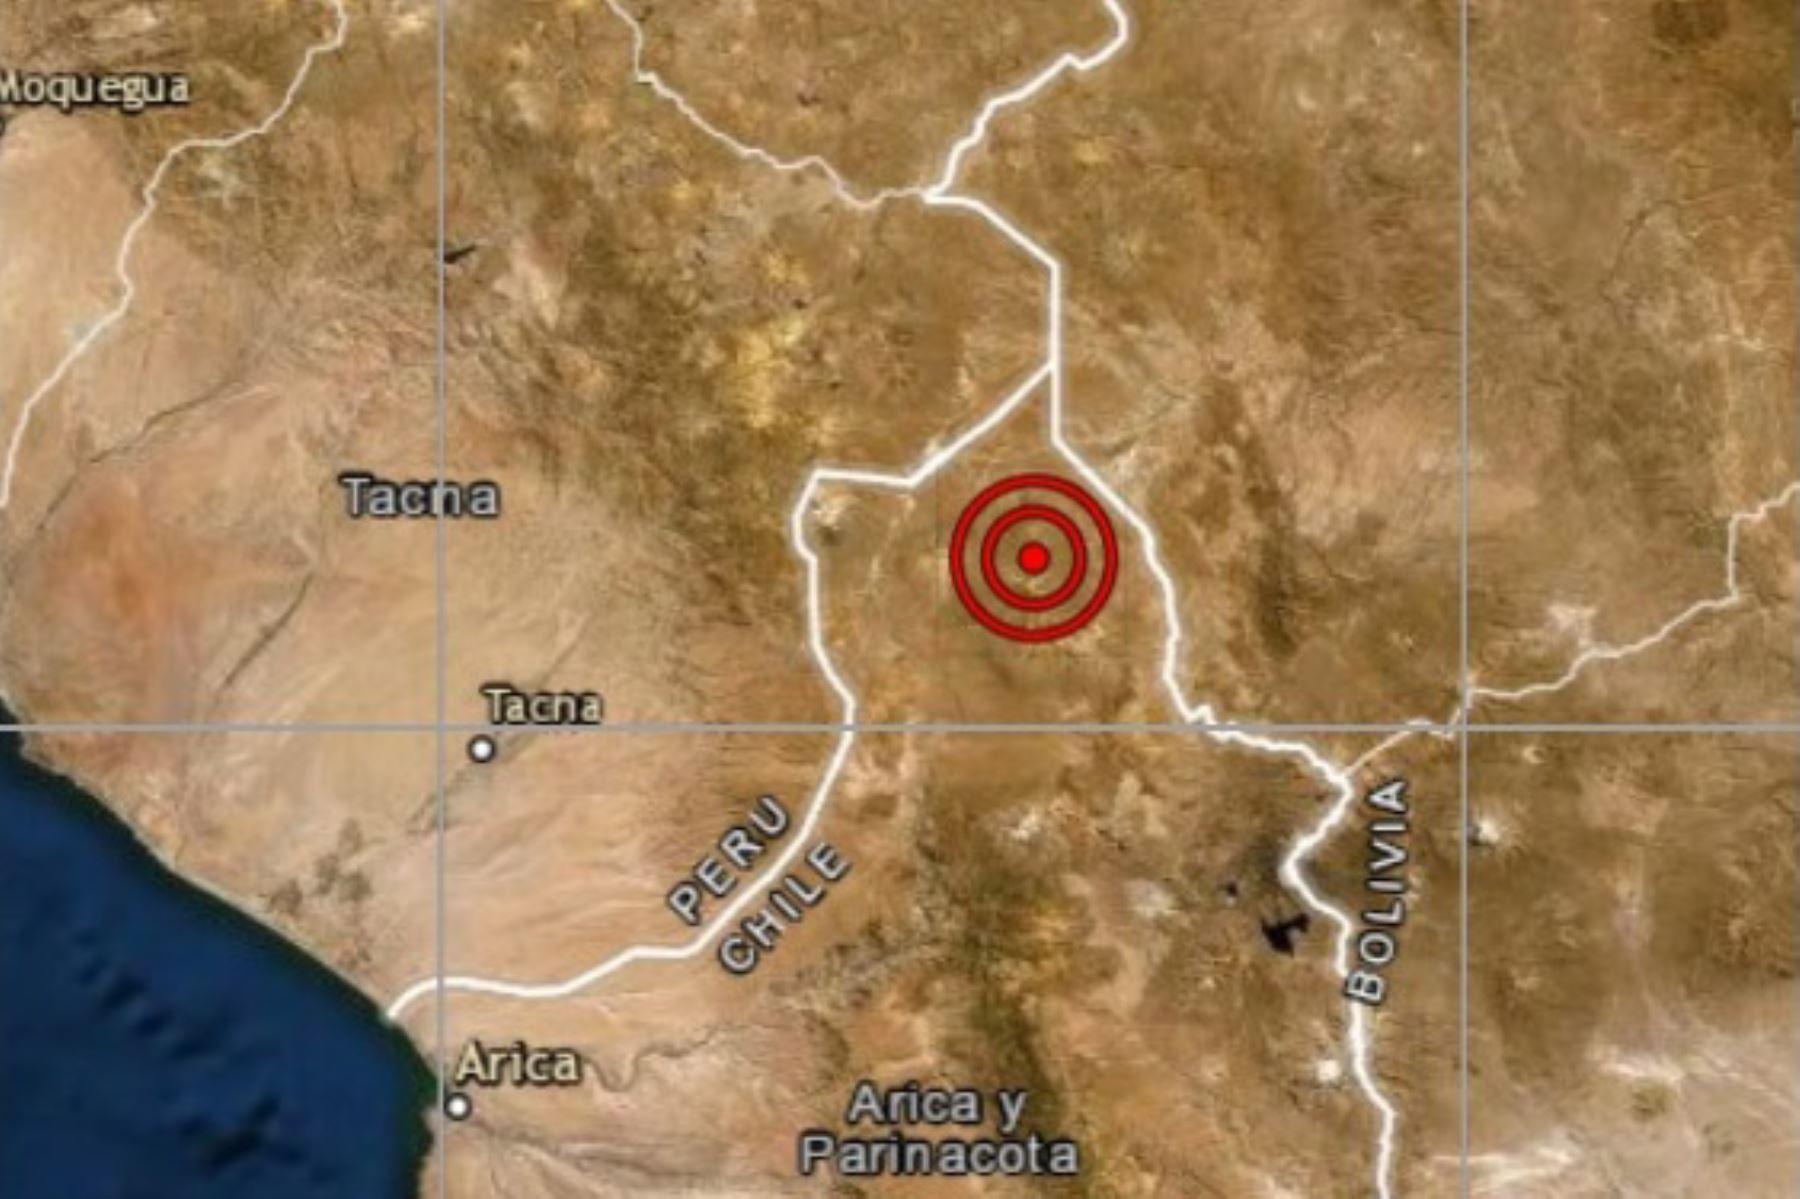 Tacna fue remecida por sismo de magnitud 4.5 esta mañana.